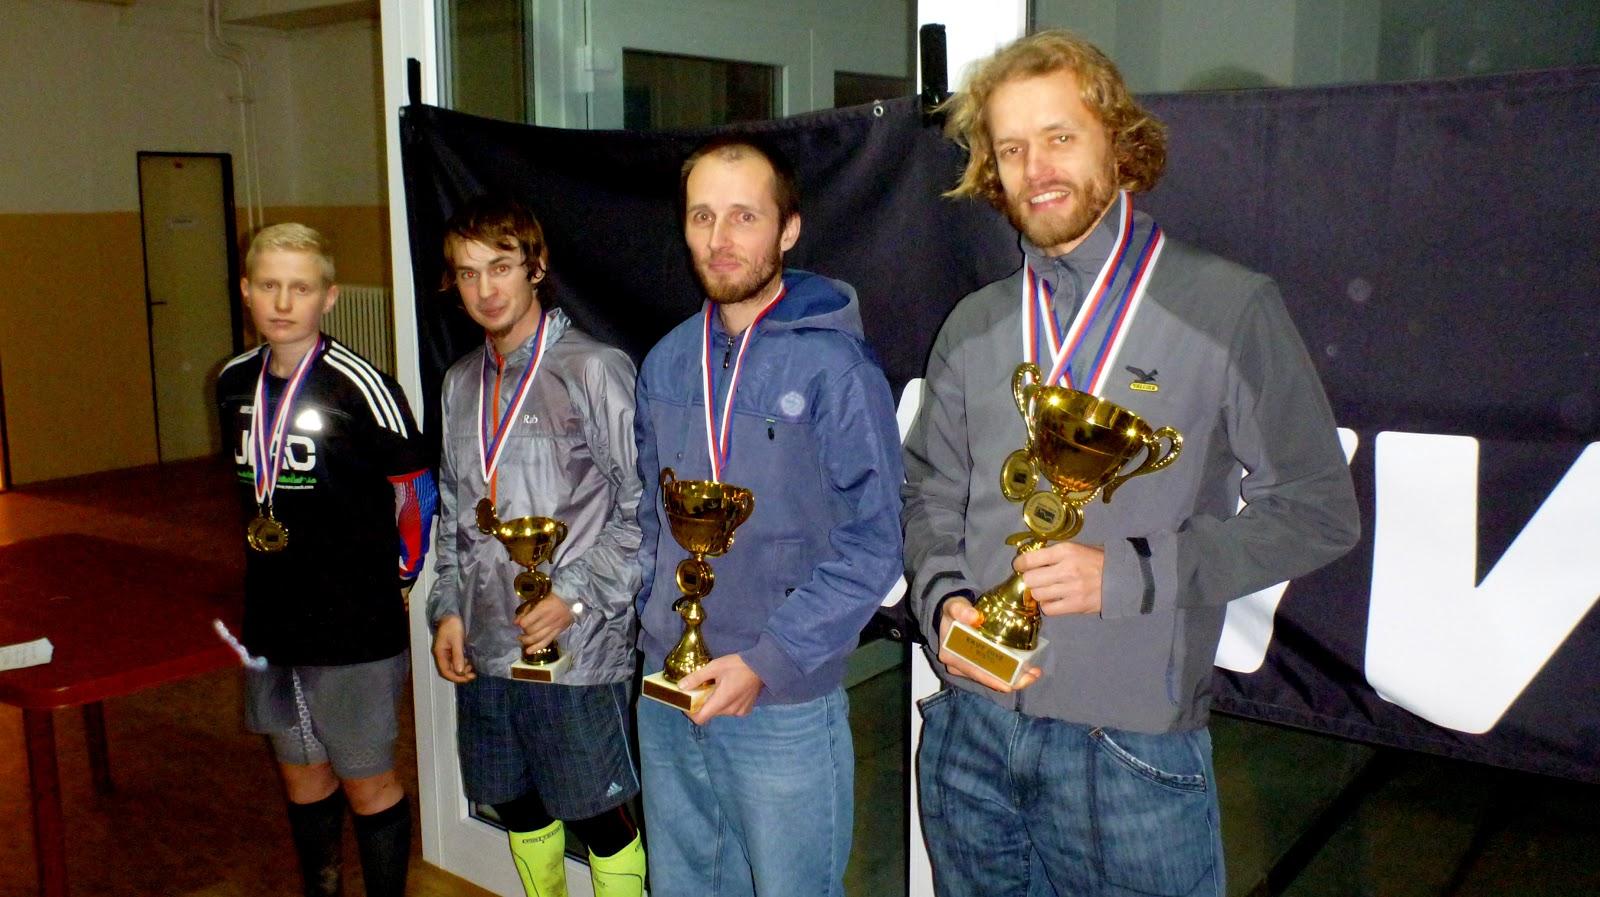 Víťazi EKUT + 300km/13200m (Z ľava 4.Tomáš Štverák, 3. Patrik Hrotek, 2. Dušan Krajčovič, 1. Aleš Zavoral)